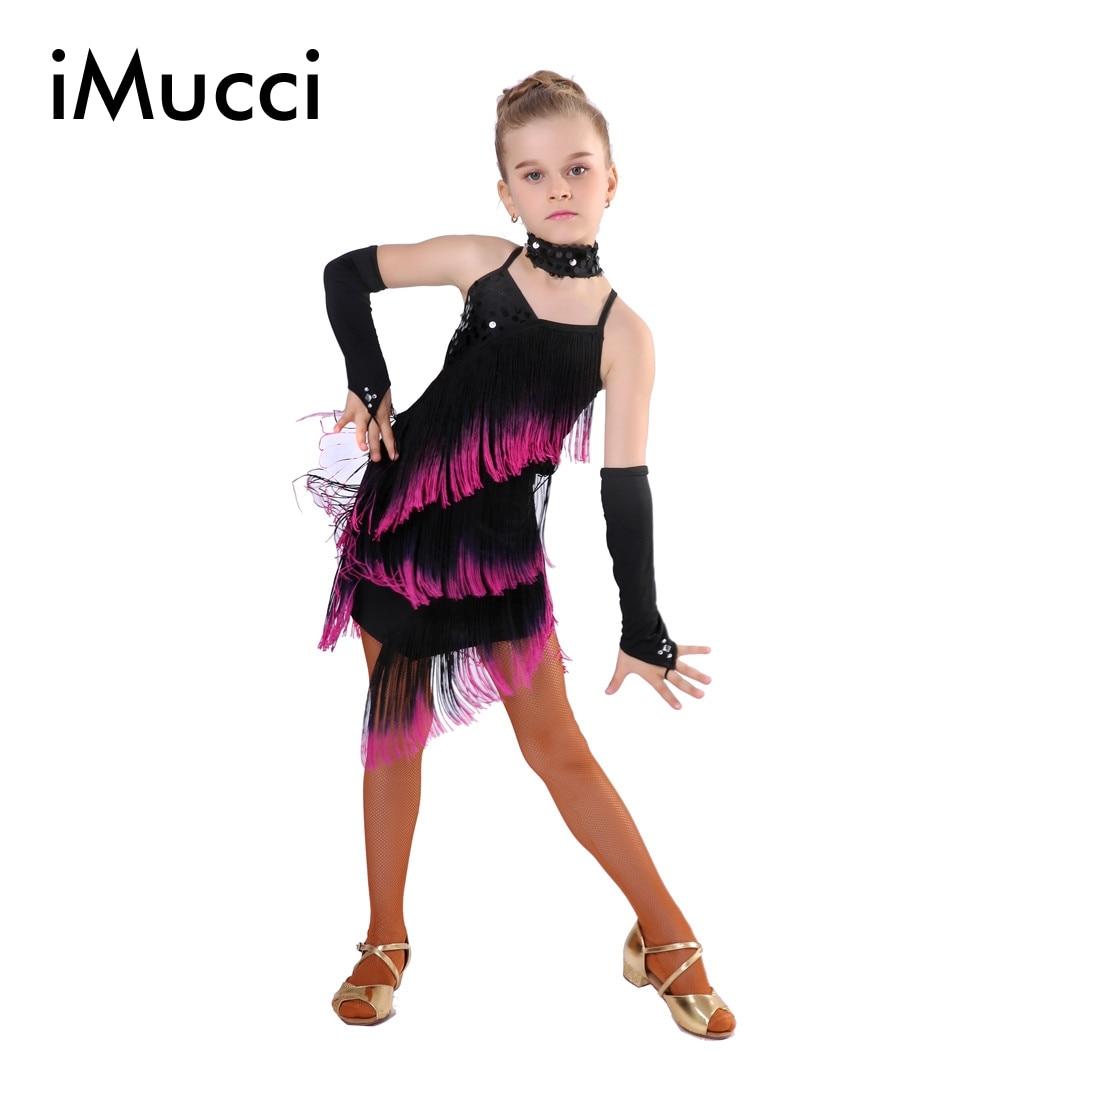 Бальные платья - 65 фото платьев для бальных танцев 30